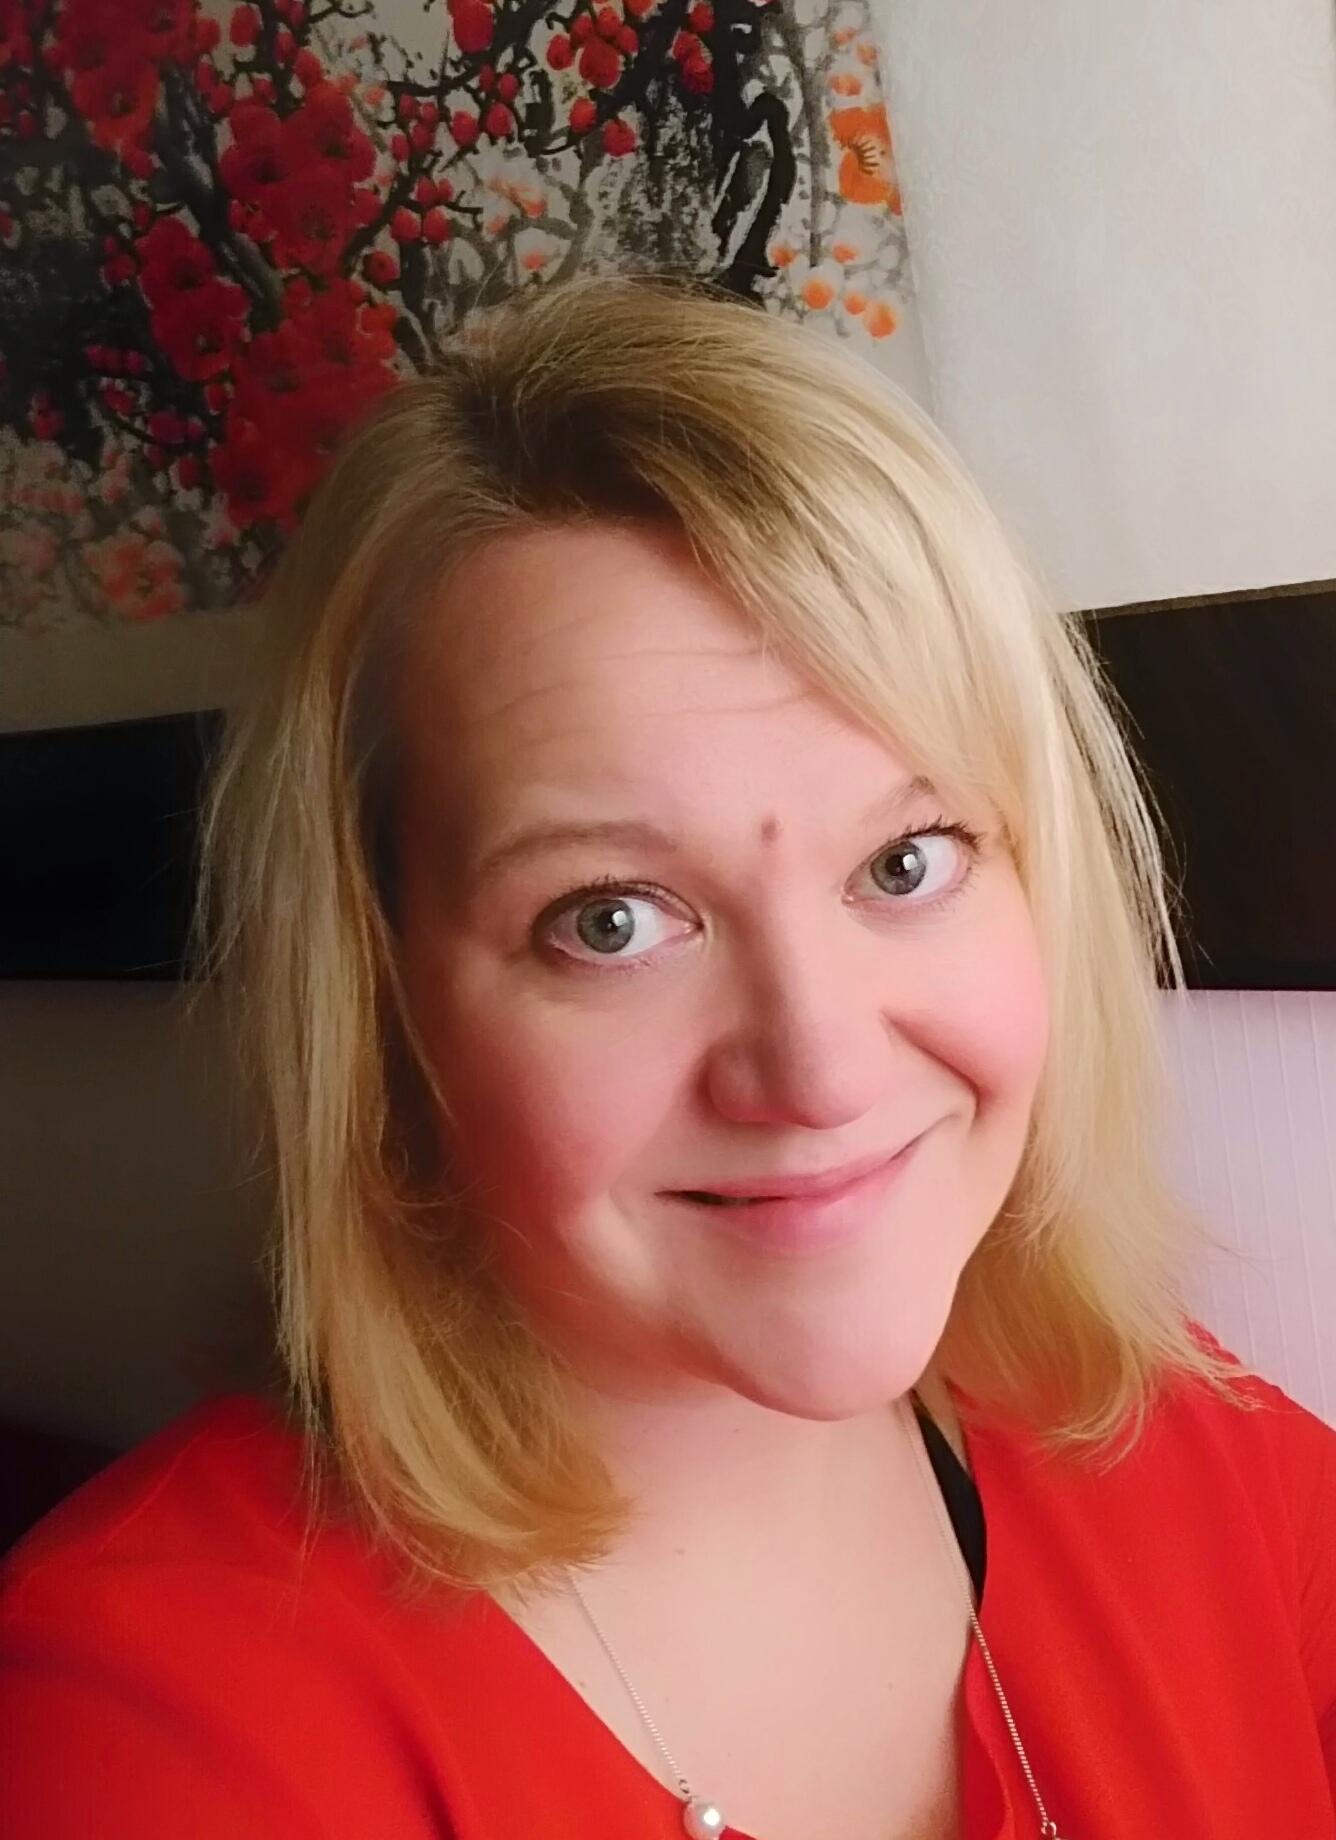 Johanna Heikkinen kouluttaa Fintran Kiina-hankintojen koulutuksessa Industrial Sourcing from China